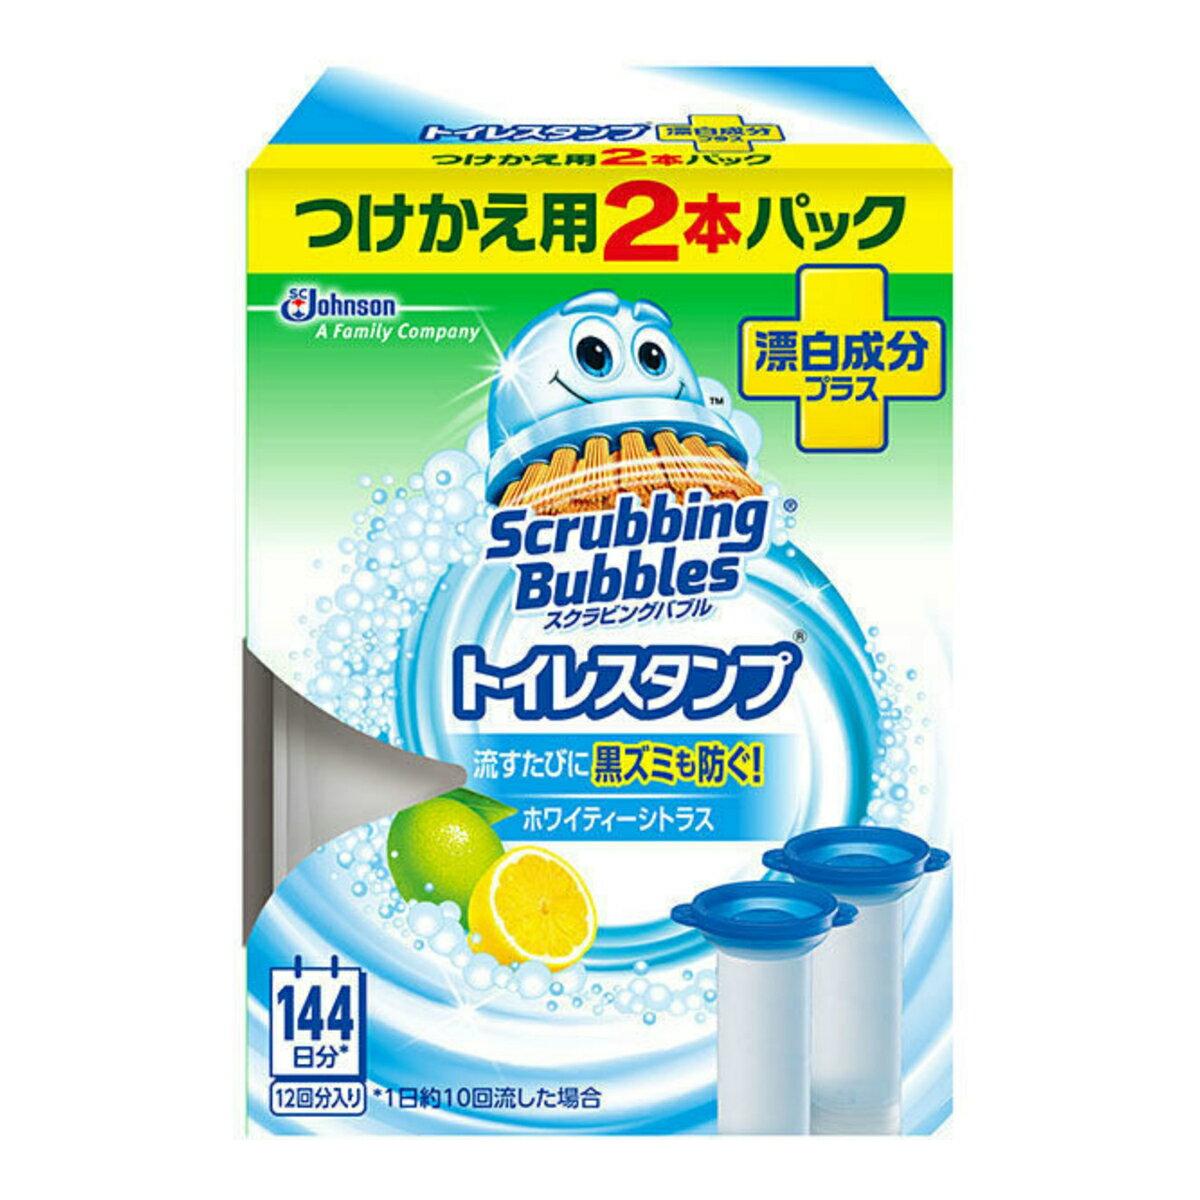 【ジョンソン】スクラビングバブル トイレスタンプ漂白成分プラス ホワイティーシトラスの香り つけかえ用 2本パック ( 4901609006317 )